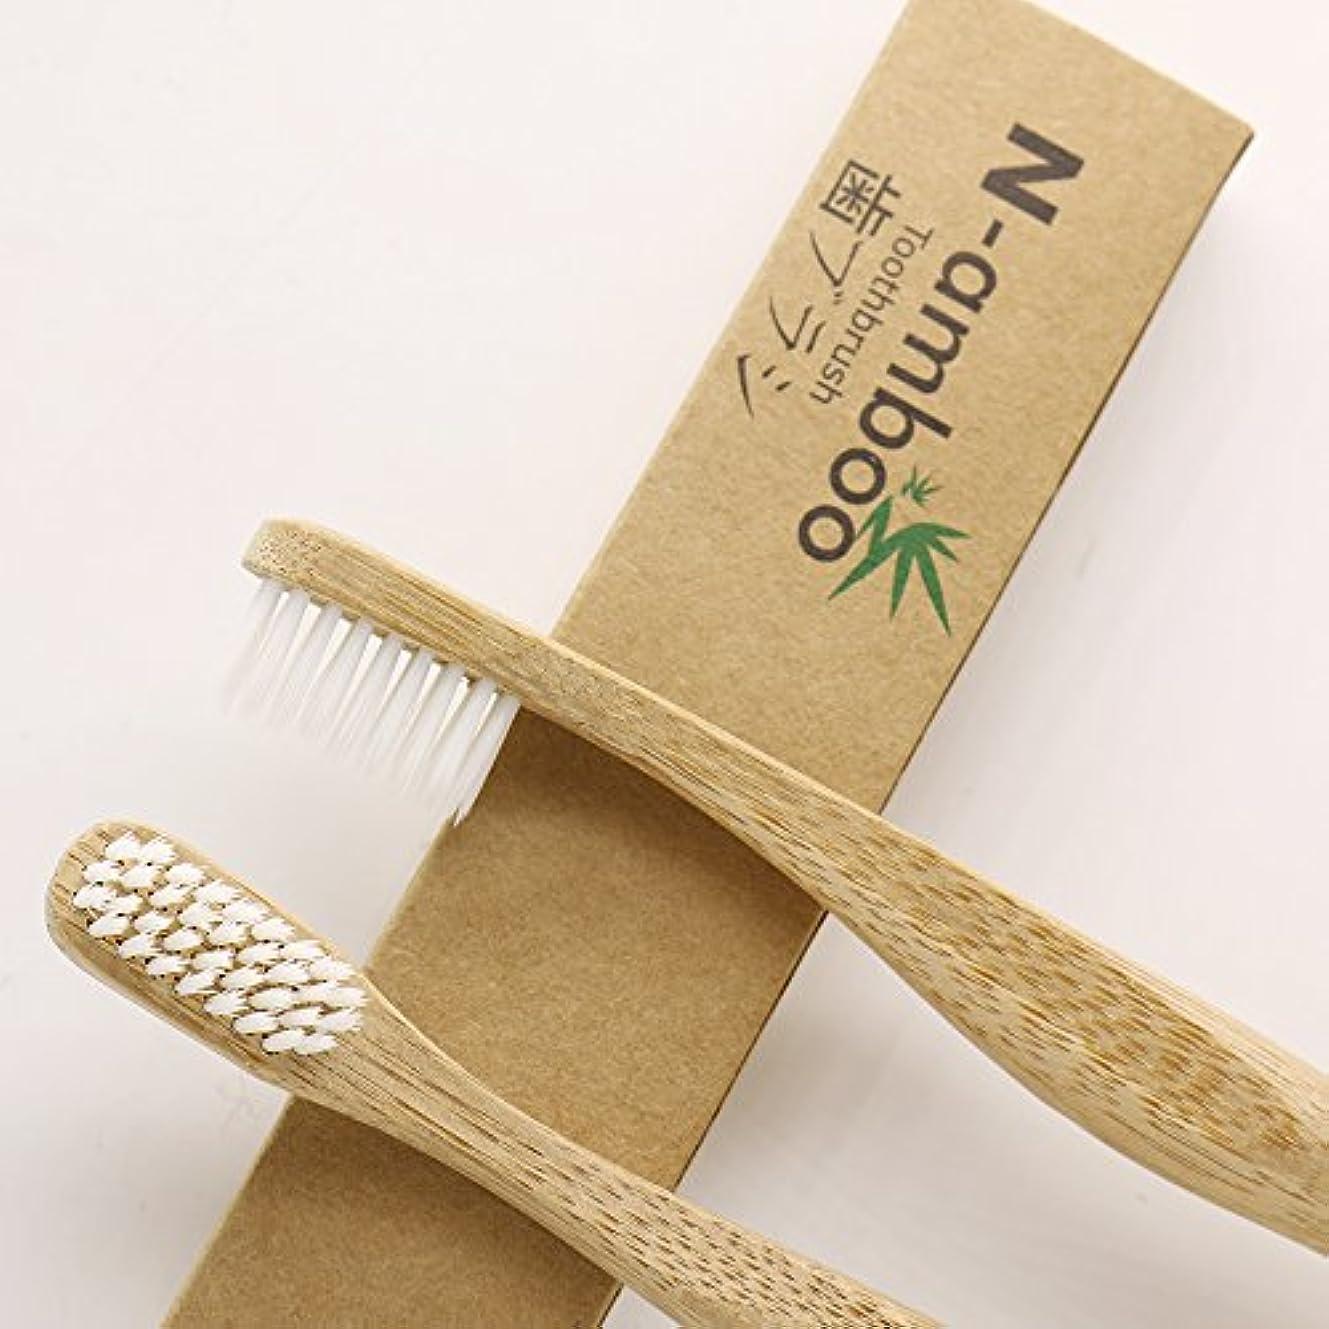 虐待メッセージひまわりN-amboo 竹製耐久度高い 歯ブラシ 2本入り セット ハンドル握りやすい 白い